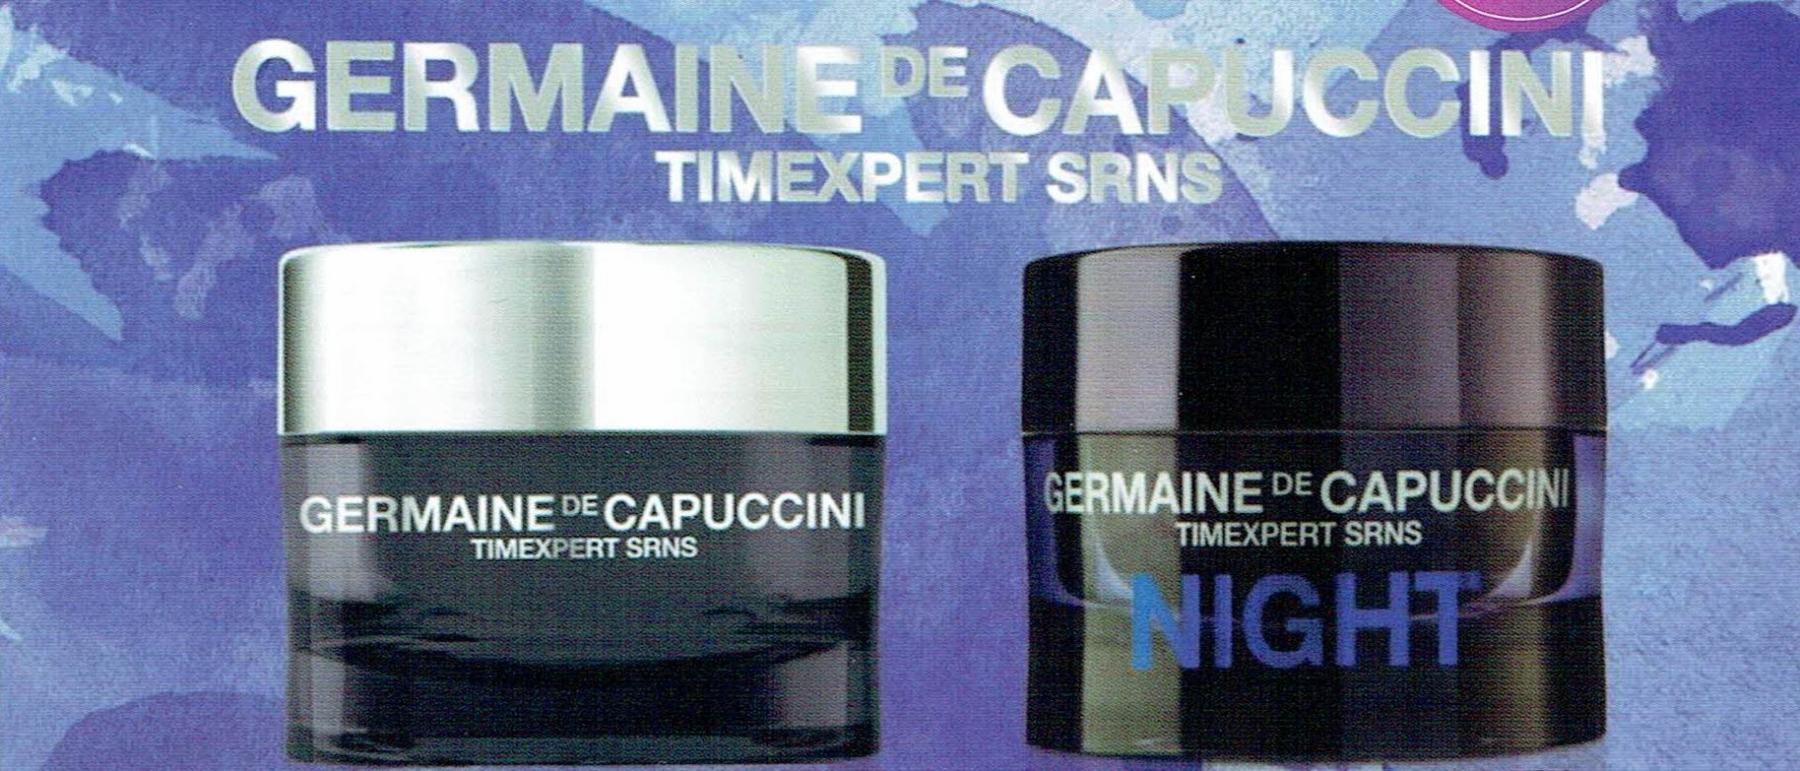 GERMAINE de CAPUCCINI TIMEXPERT SRN